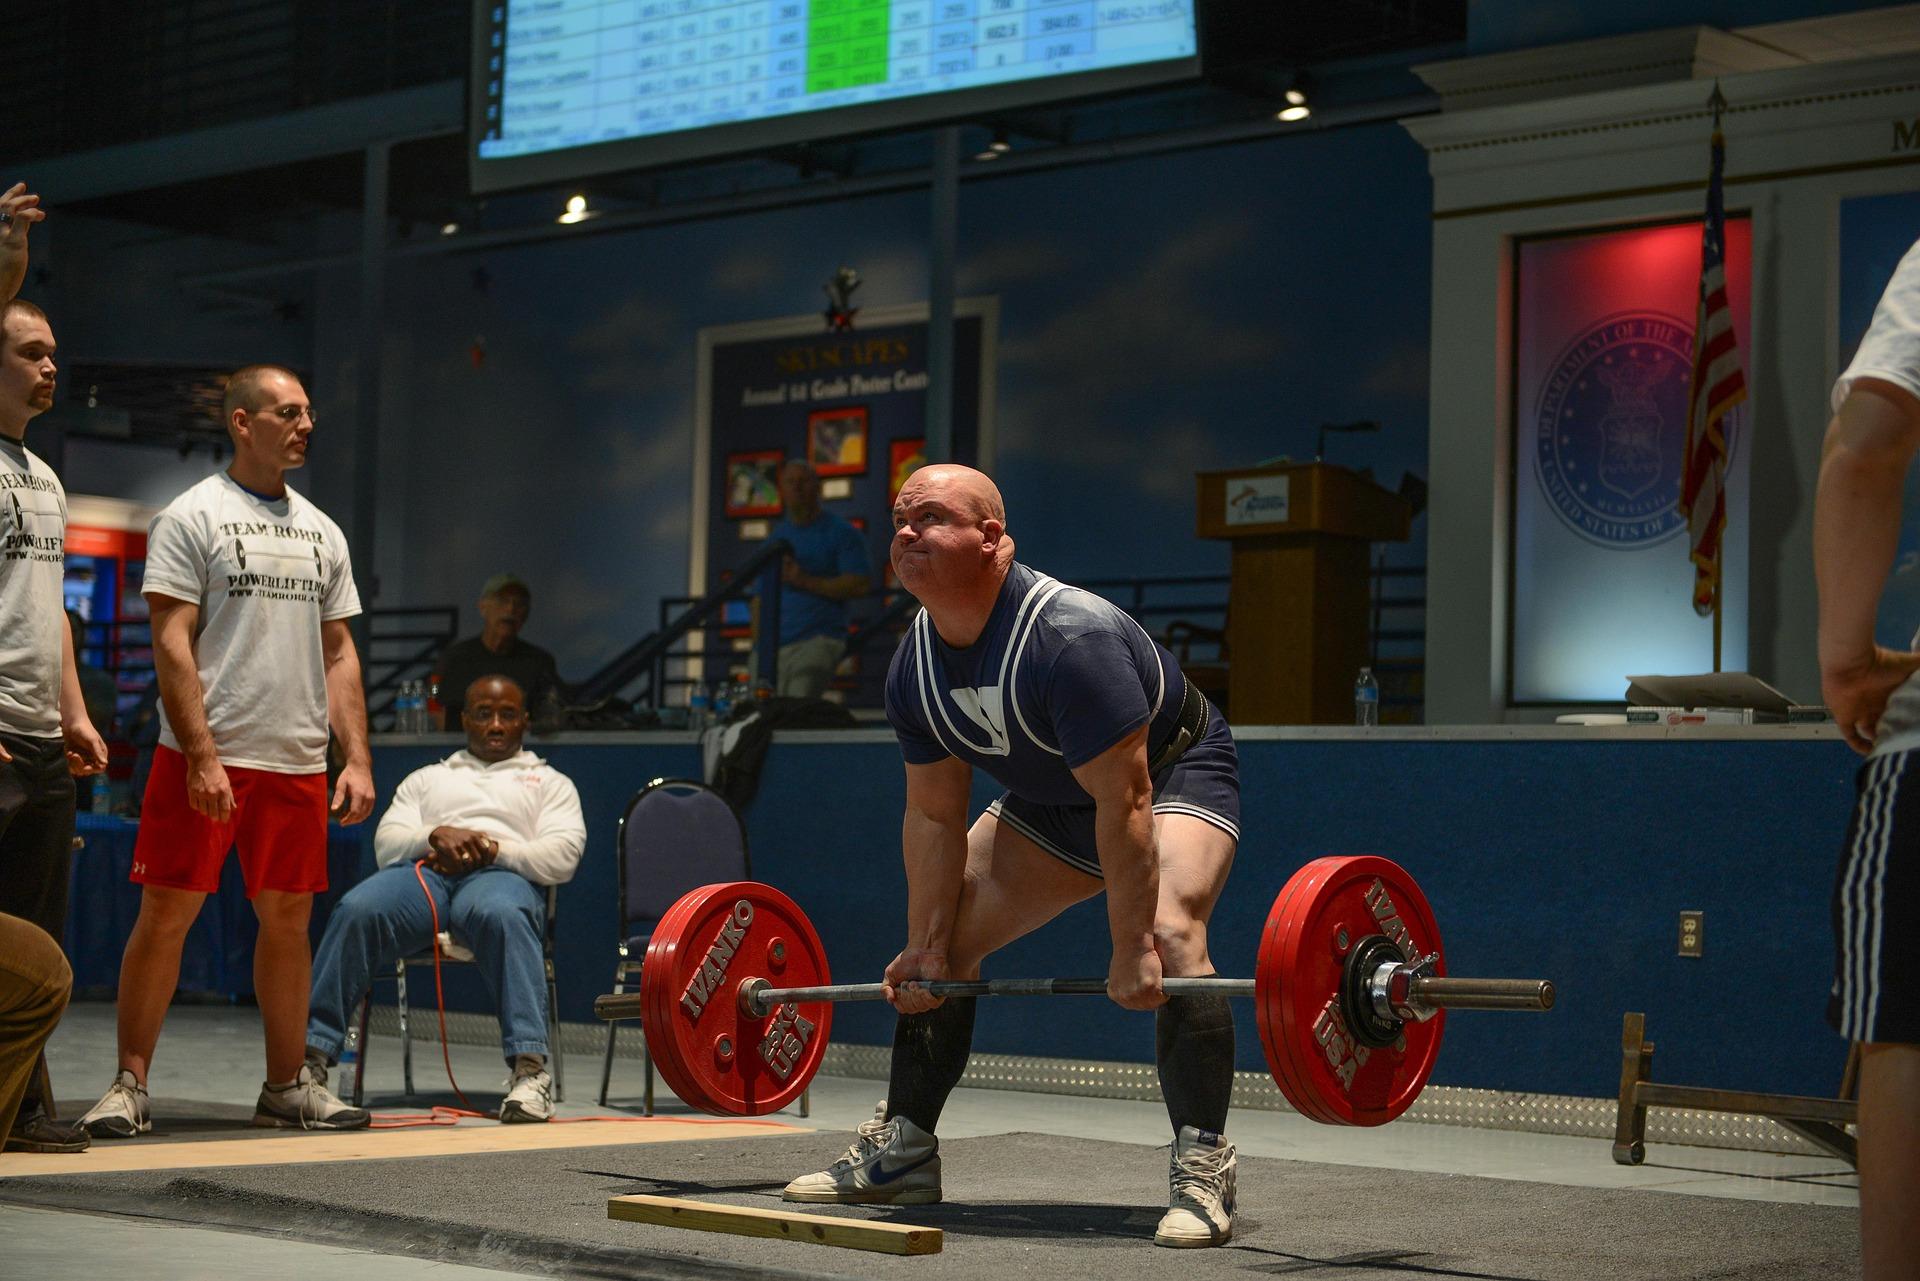 筋トレで最大挙上重量(1RM)を測定する際の重量の増やし方